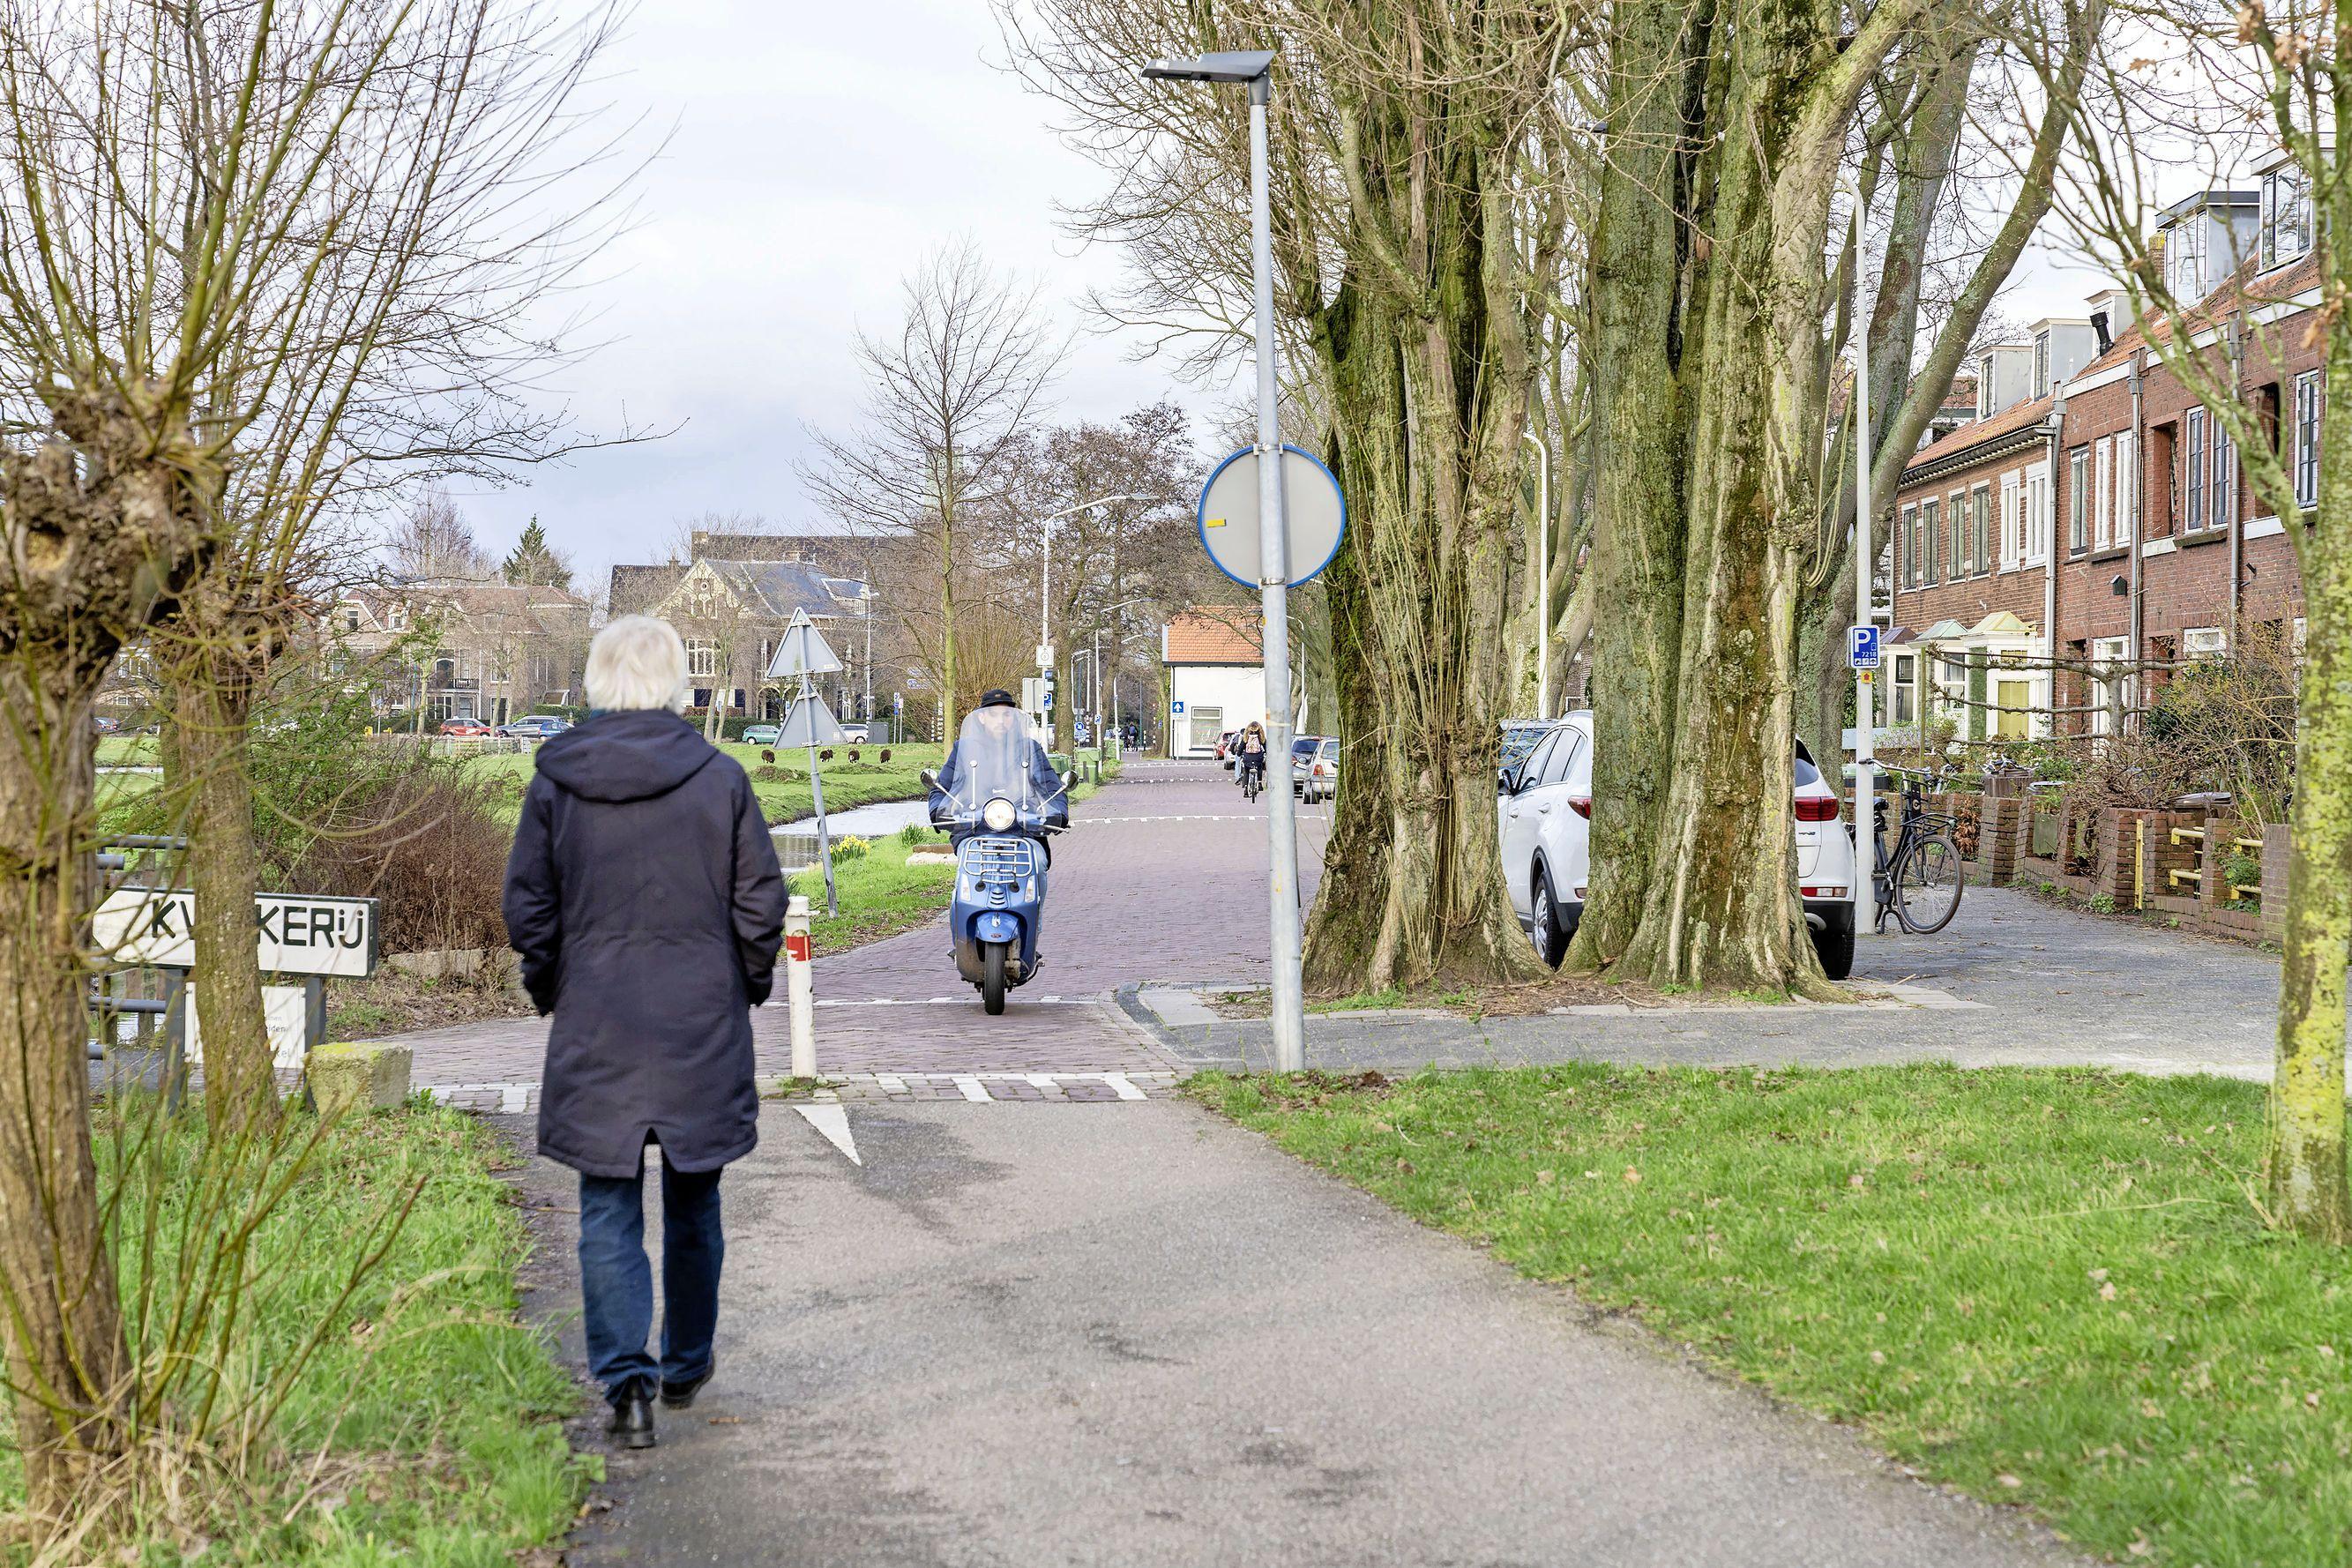 Ook de Vogelwijk zit niet op parkeer- en verkeersveranderingen te wachten